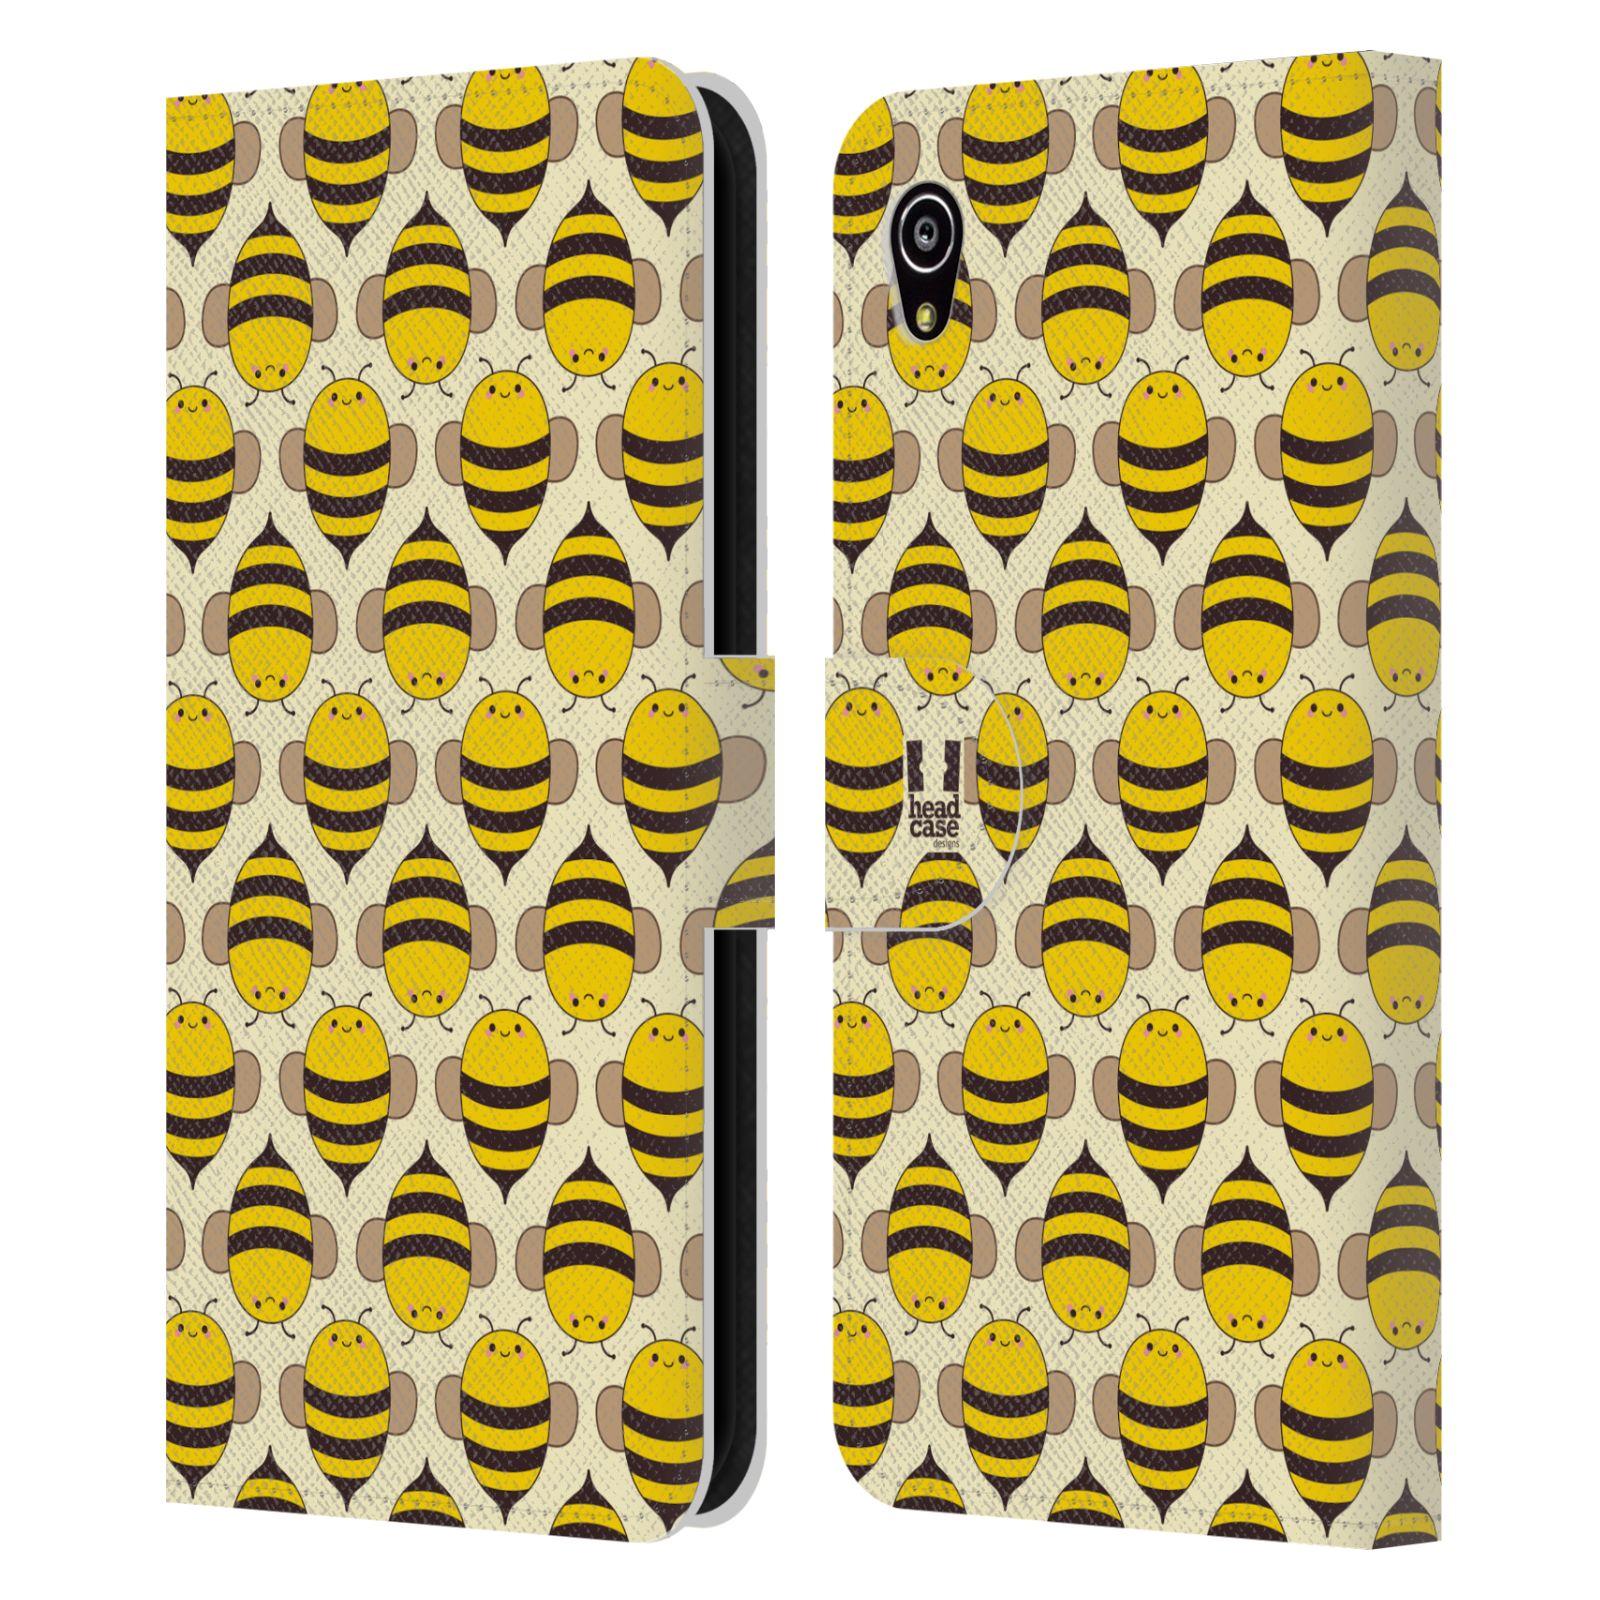 HEAD CASE Flipové pouzdro pro mobil SONY XPERIA M4 AQUA VČELÍ VZOR kolonie včelek